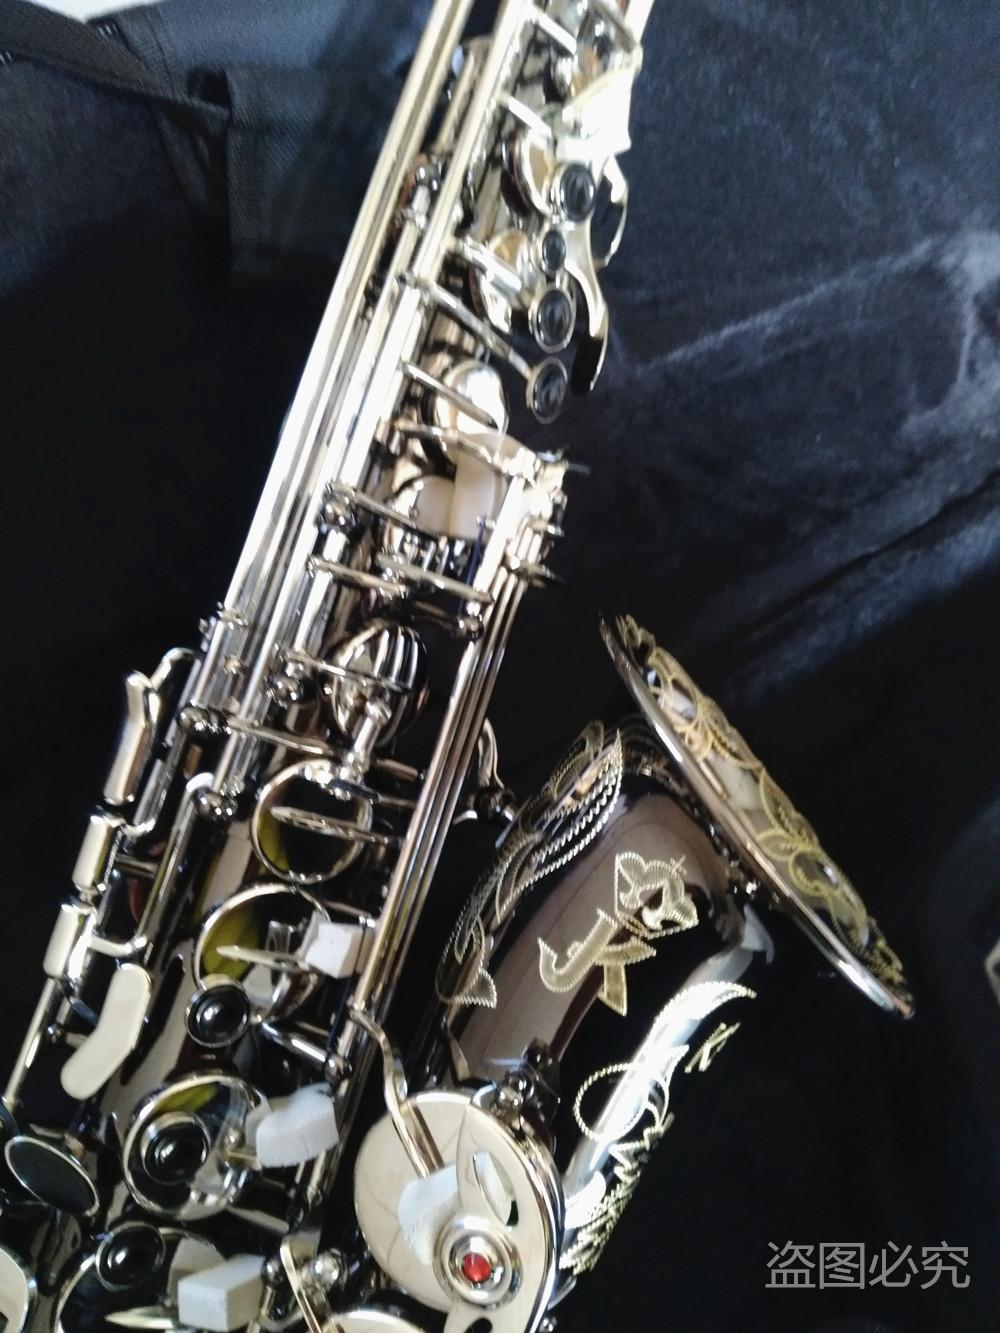 Copia Germania JK SX90R Keilwerth Sassofono reale Foto in bianco NickeI professionista di strumenti musicali con il sax Bocchino